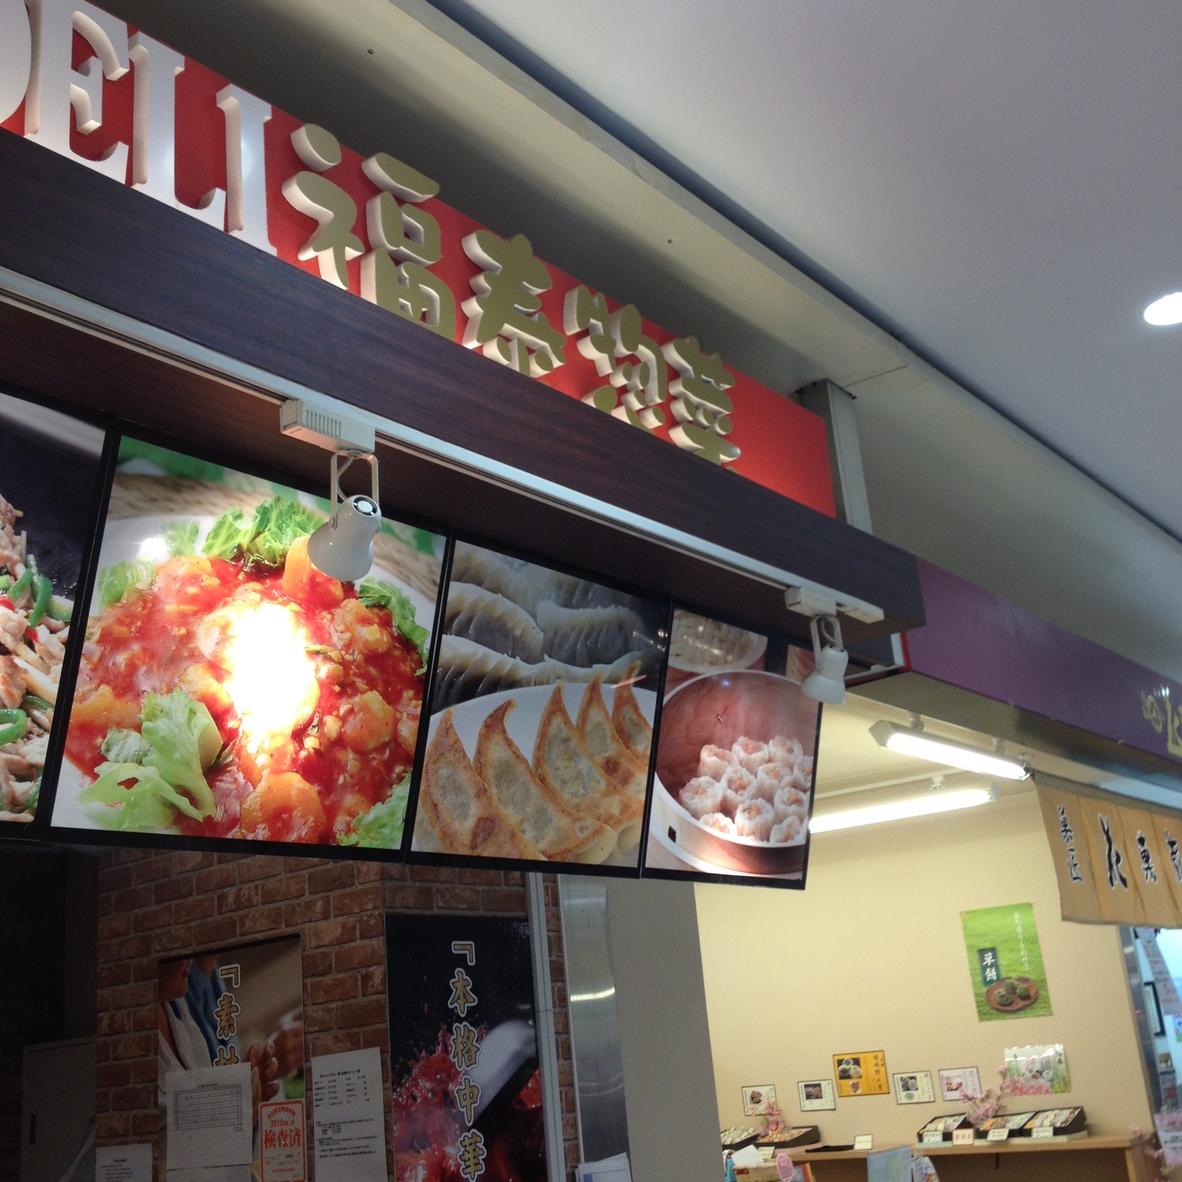 DELI福泰惣菜 京都ファミリー店